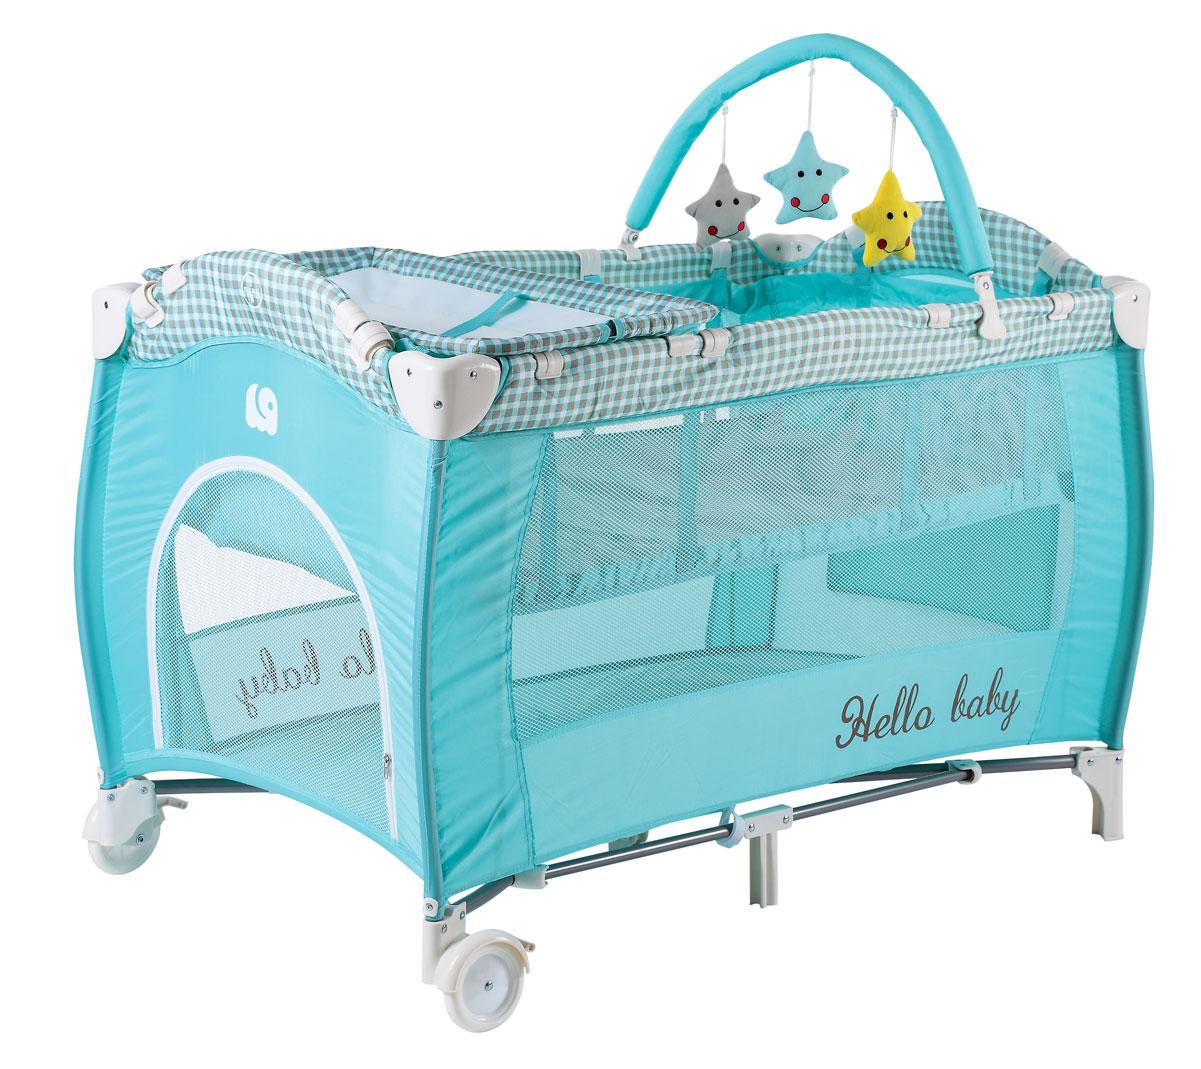 Happy Baby Кровать-манеж HB-12 Aqua4650069783572второй уровень, дуга с игрушками лаз колеса пеленальный столик Возраст: от рождения Максимальный вес ребенка: 0-15 кг Пеленальный столик: до 11 кг (возраст до года) Максимальная нагрузка на второе дно: 9 кг Размеры в разложенном виде ДхШхВ: 120х68х76 см Размеры в сложенном виде ДхШхВ: 22х23х78 см Размеры матрасика (спального места): 116*63 см Размер пеленального столика: 68х37 см Вес манежа: 10,2